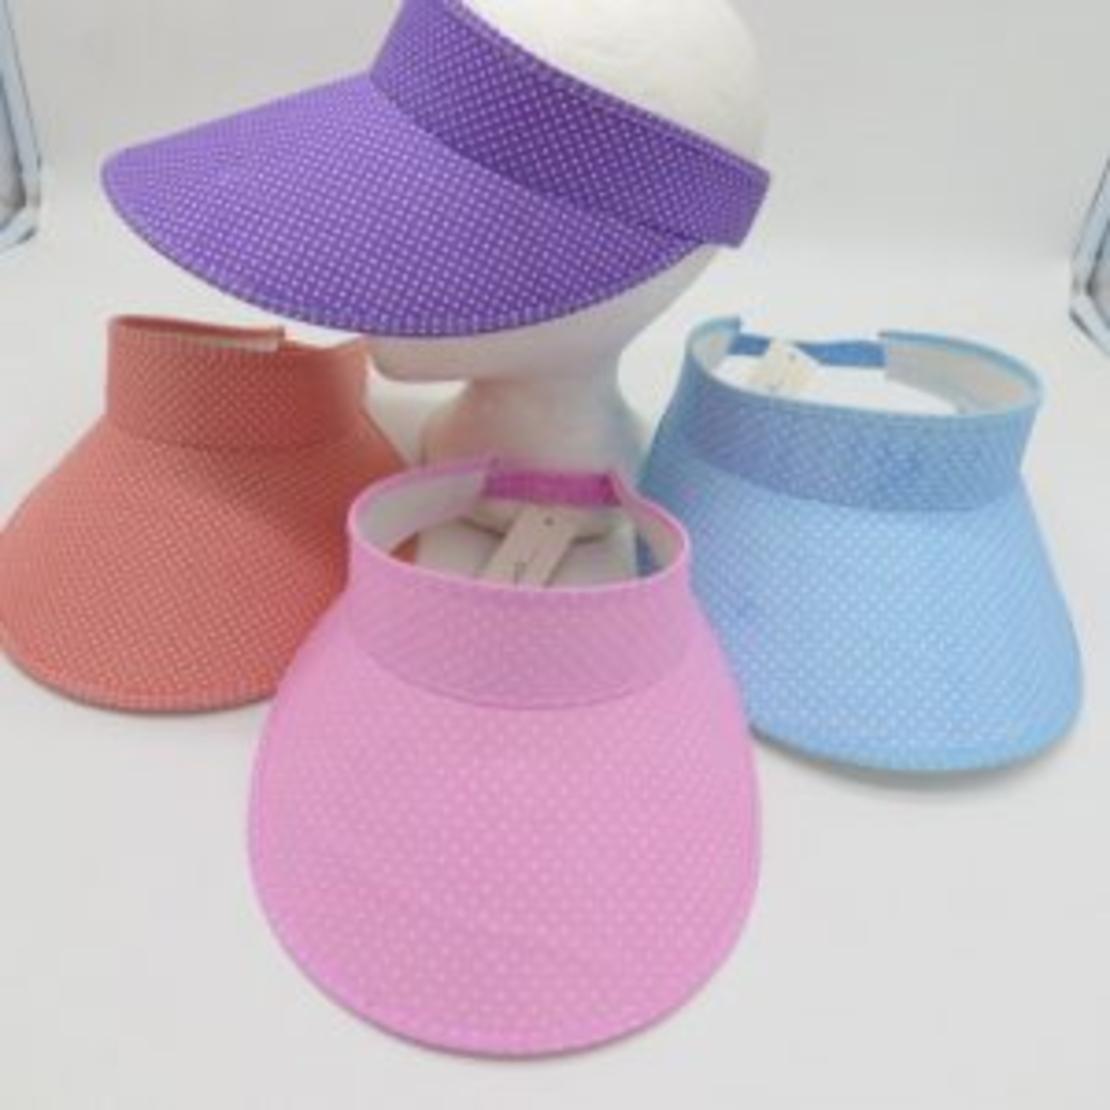 כובע וייזר מצחייה רחבה דגם 2013